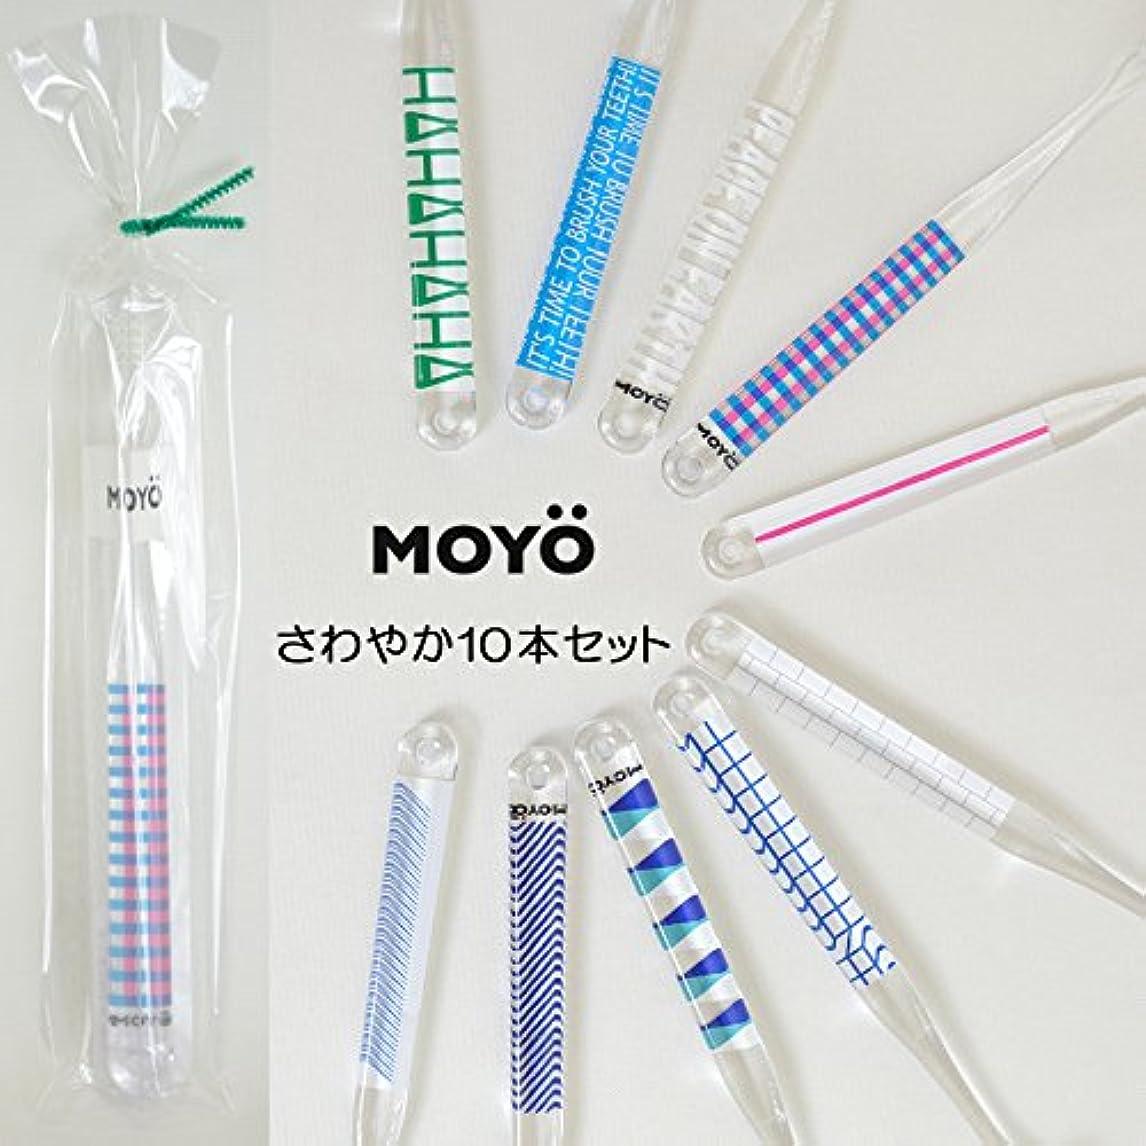 コンソール小康候補者MOYO モヨウ さわやか10本 プチ ギフト セット_562302-cool2 【F】,さわやか10本セット